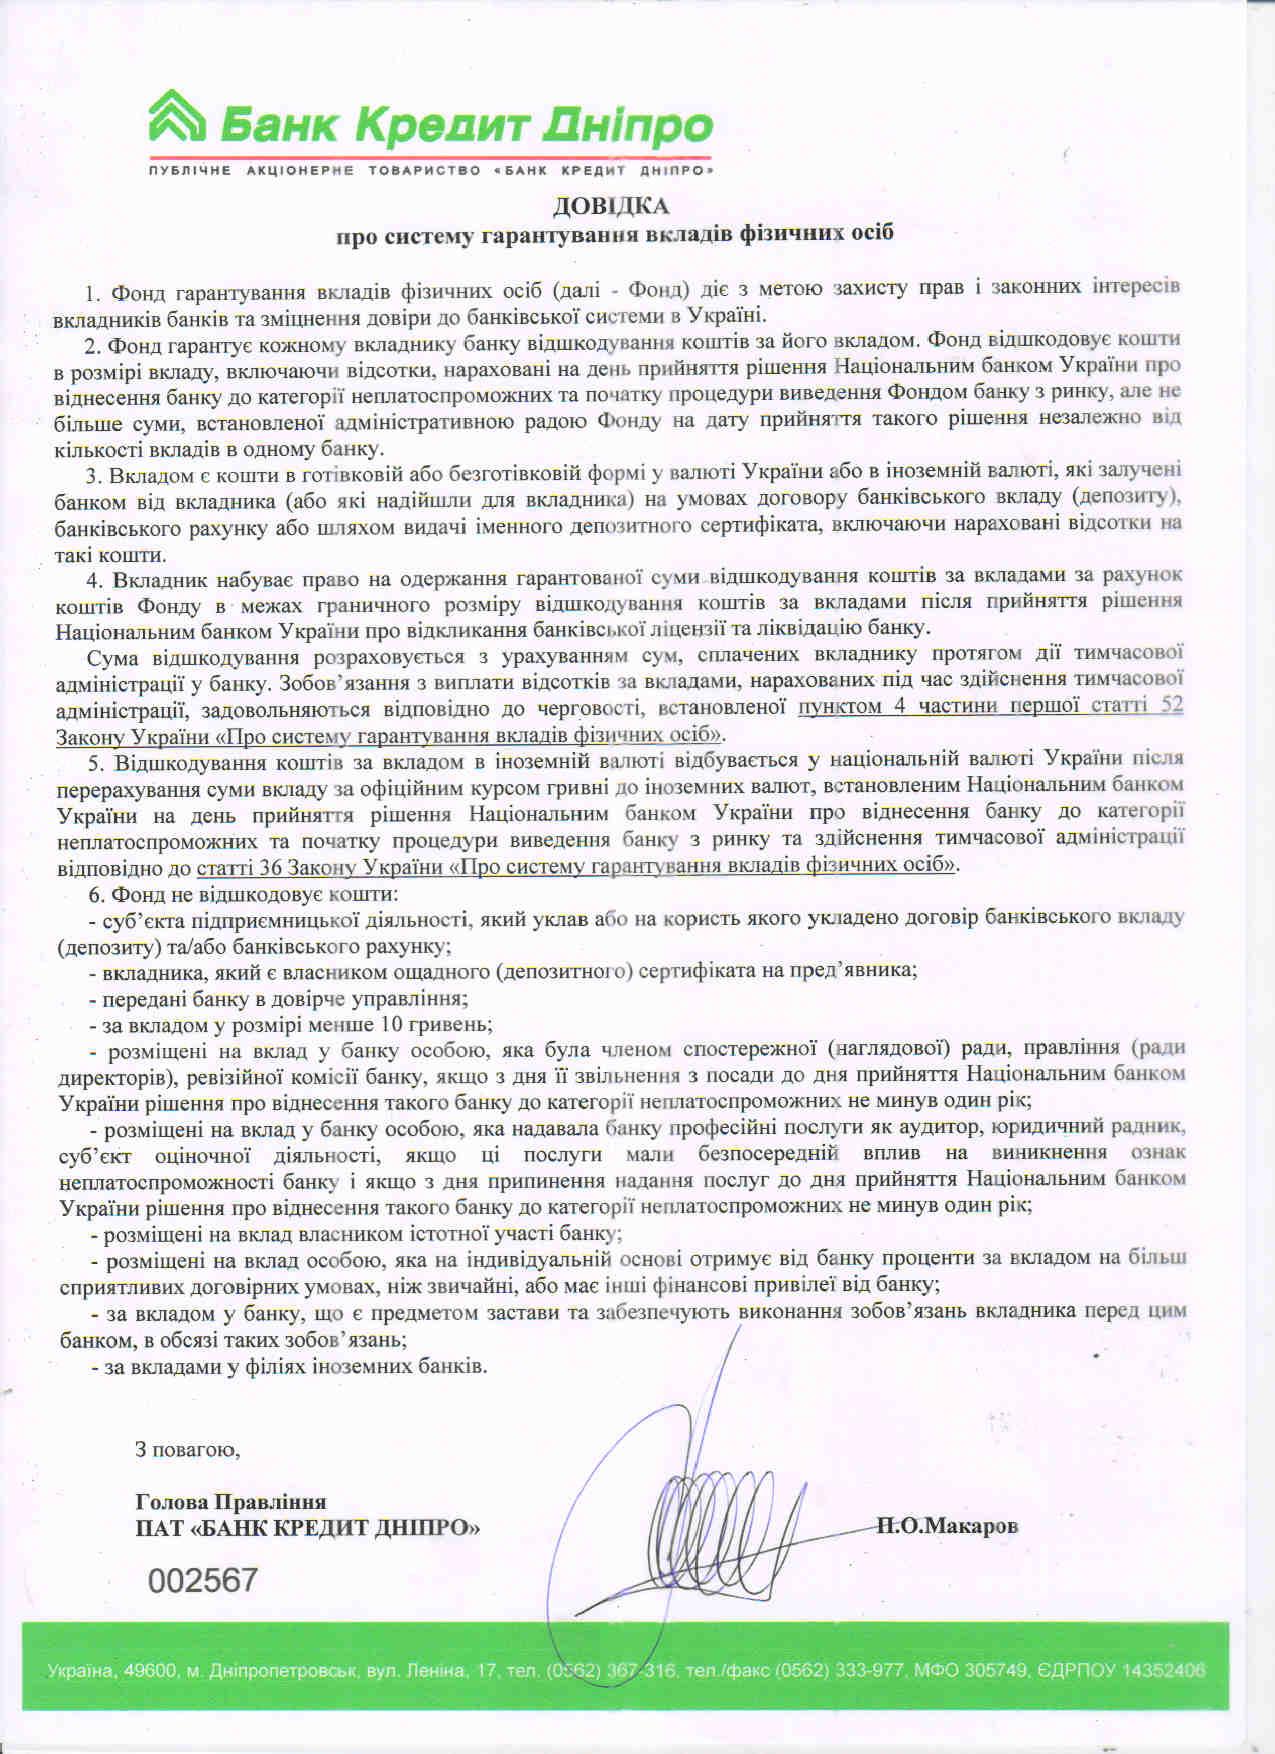 Справка о Банк Кредит Днепр